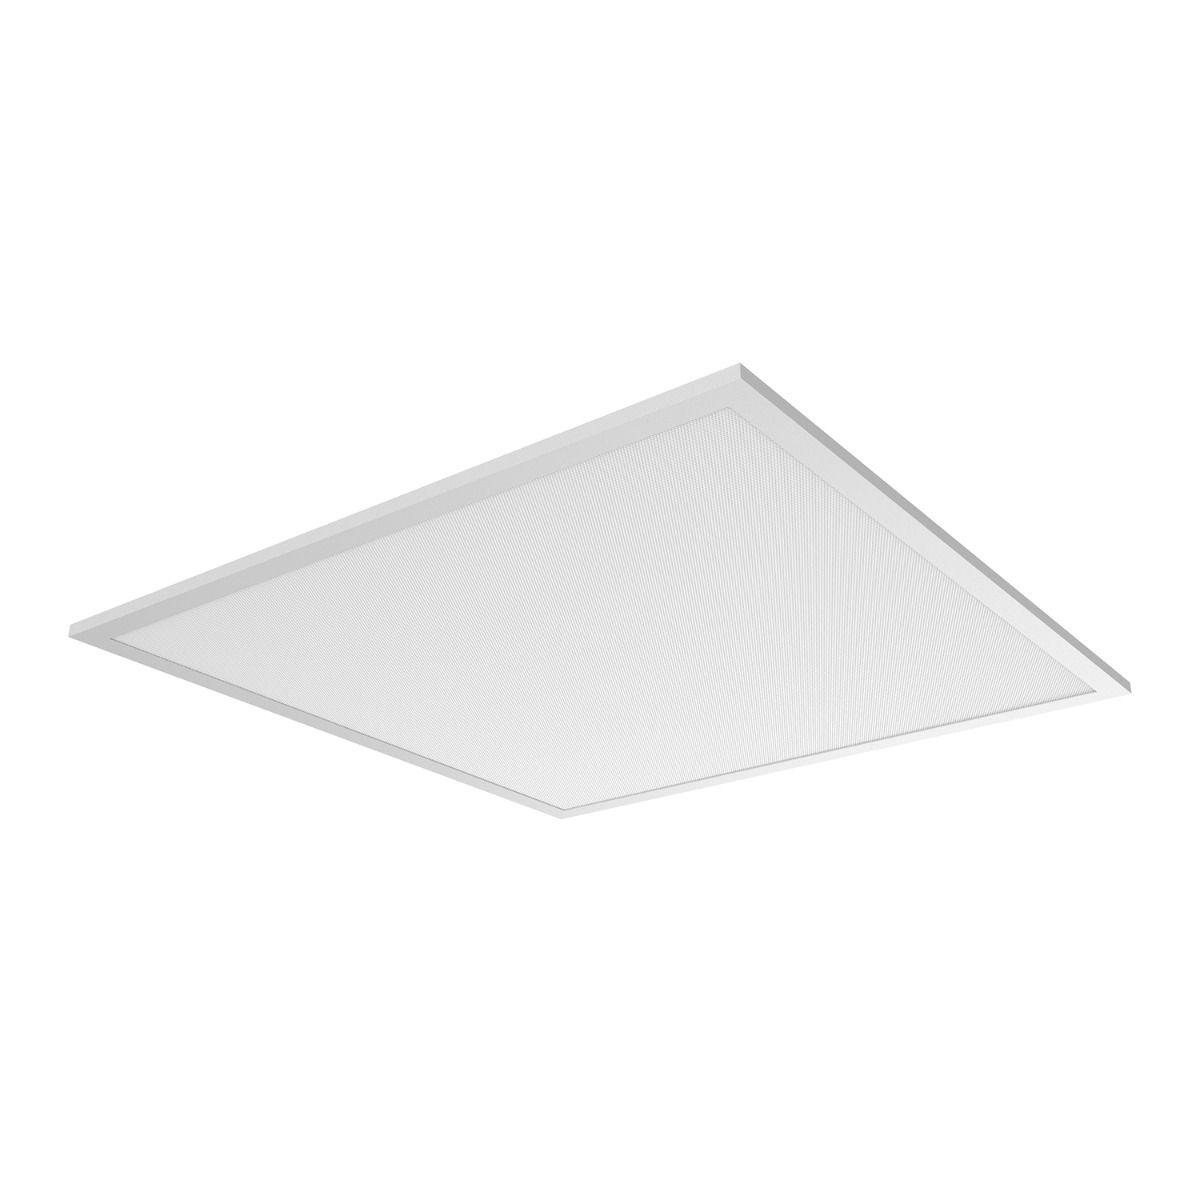 Noxion LED Panel Delta Pro V3 DALI 30W 3000K 3960lm 60x60cm UGR <19 | Warmweiß - Ersatz für 4x18W